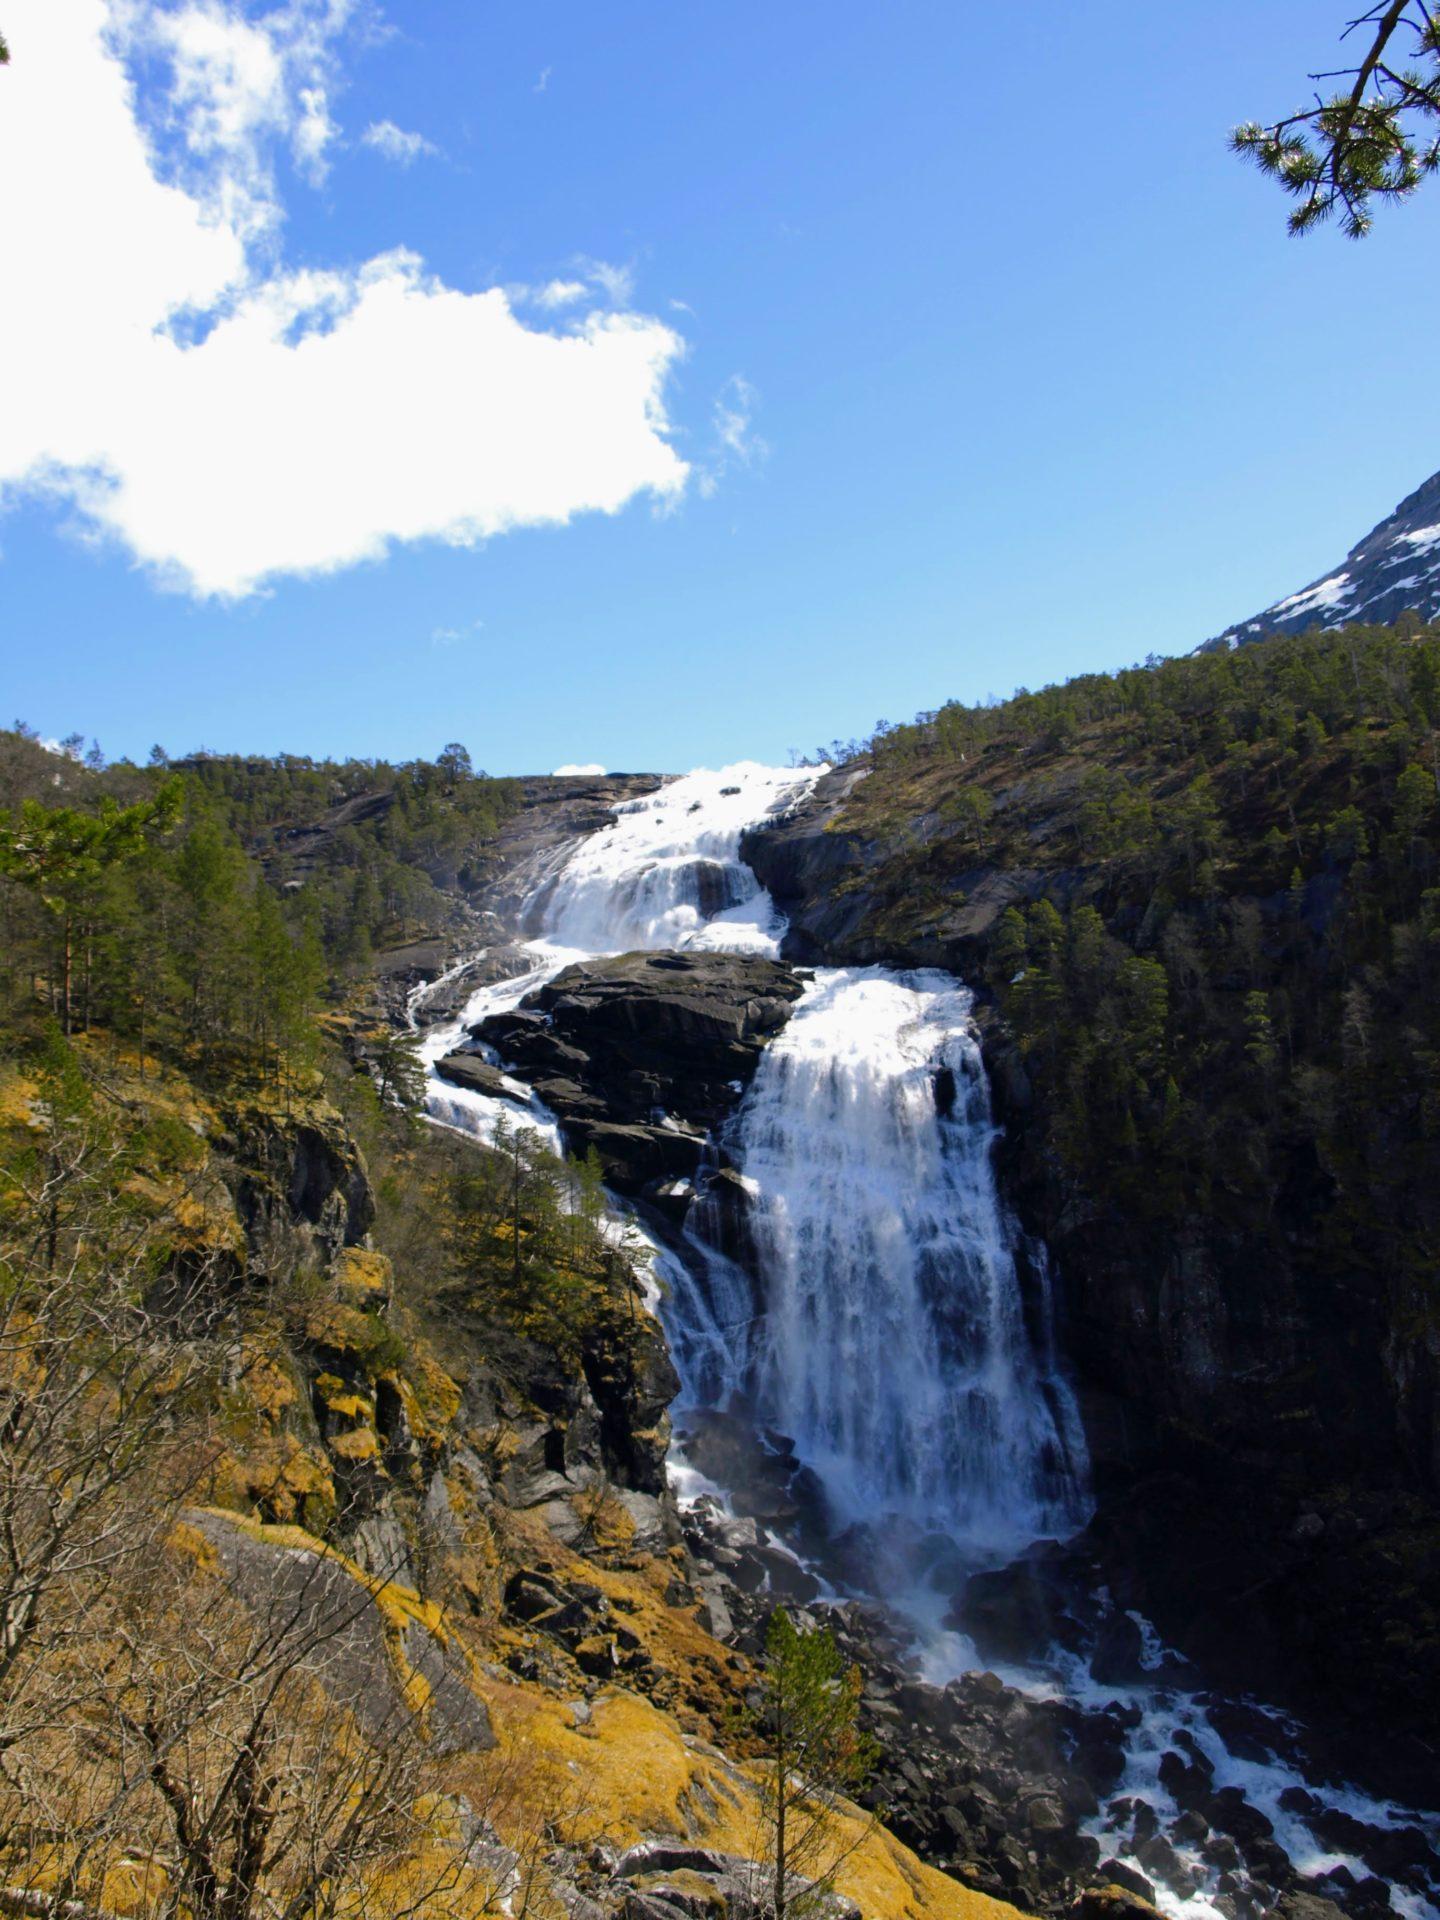 Druhý a nejimpozantnější vodopád v údolí, Nyastølfossen